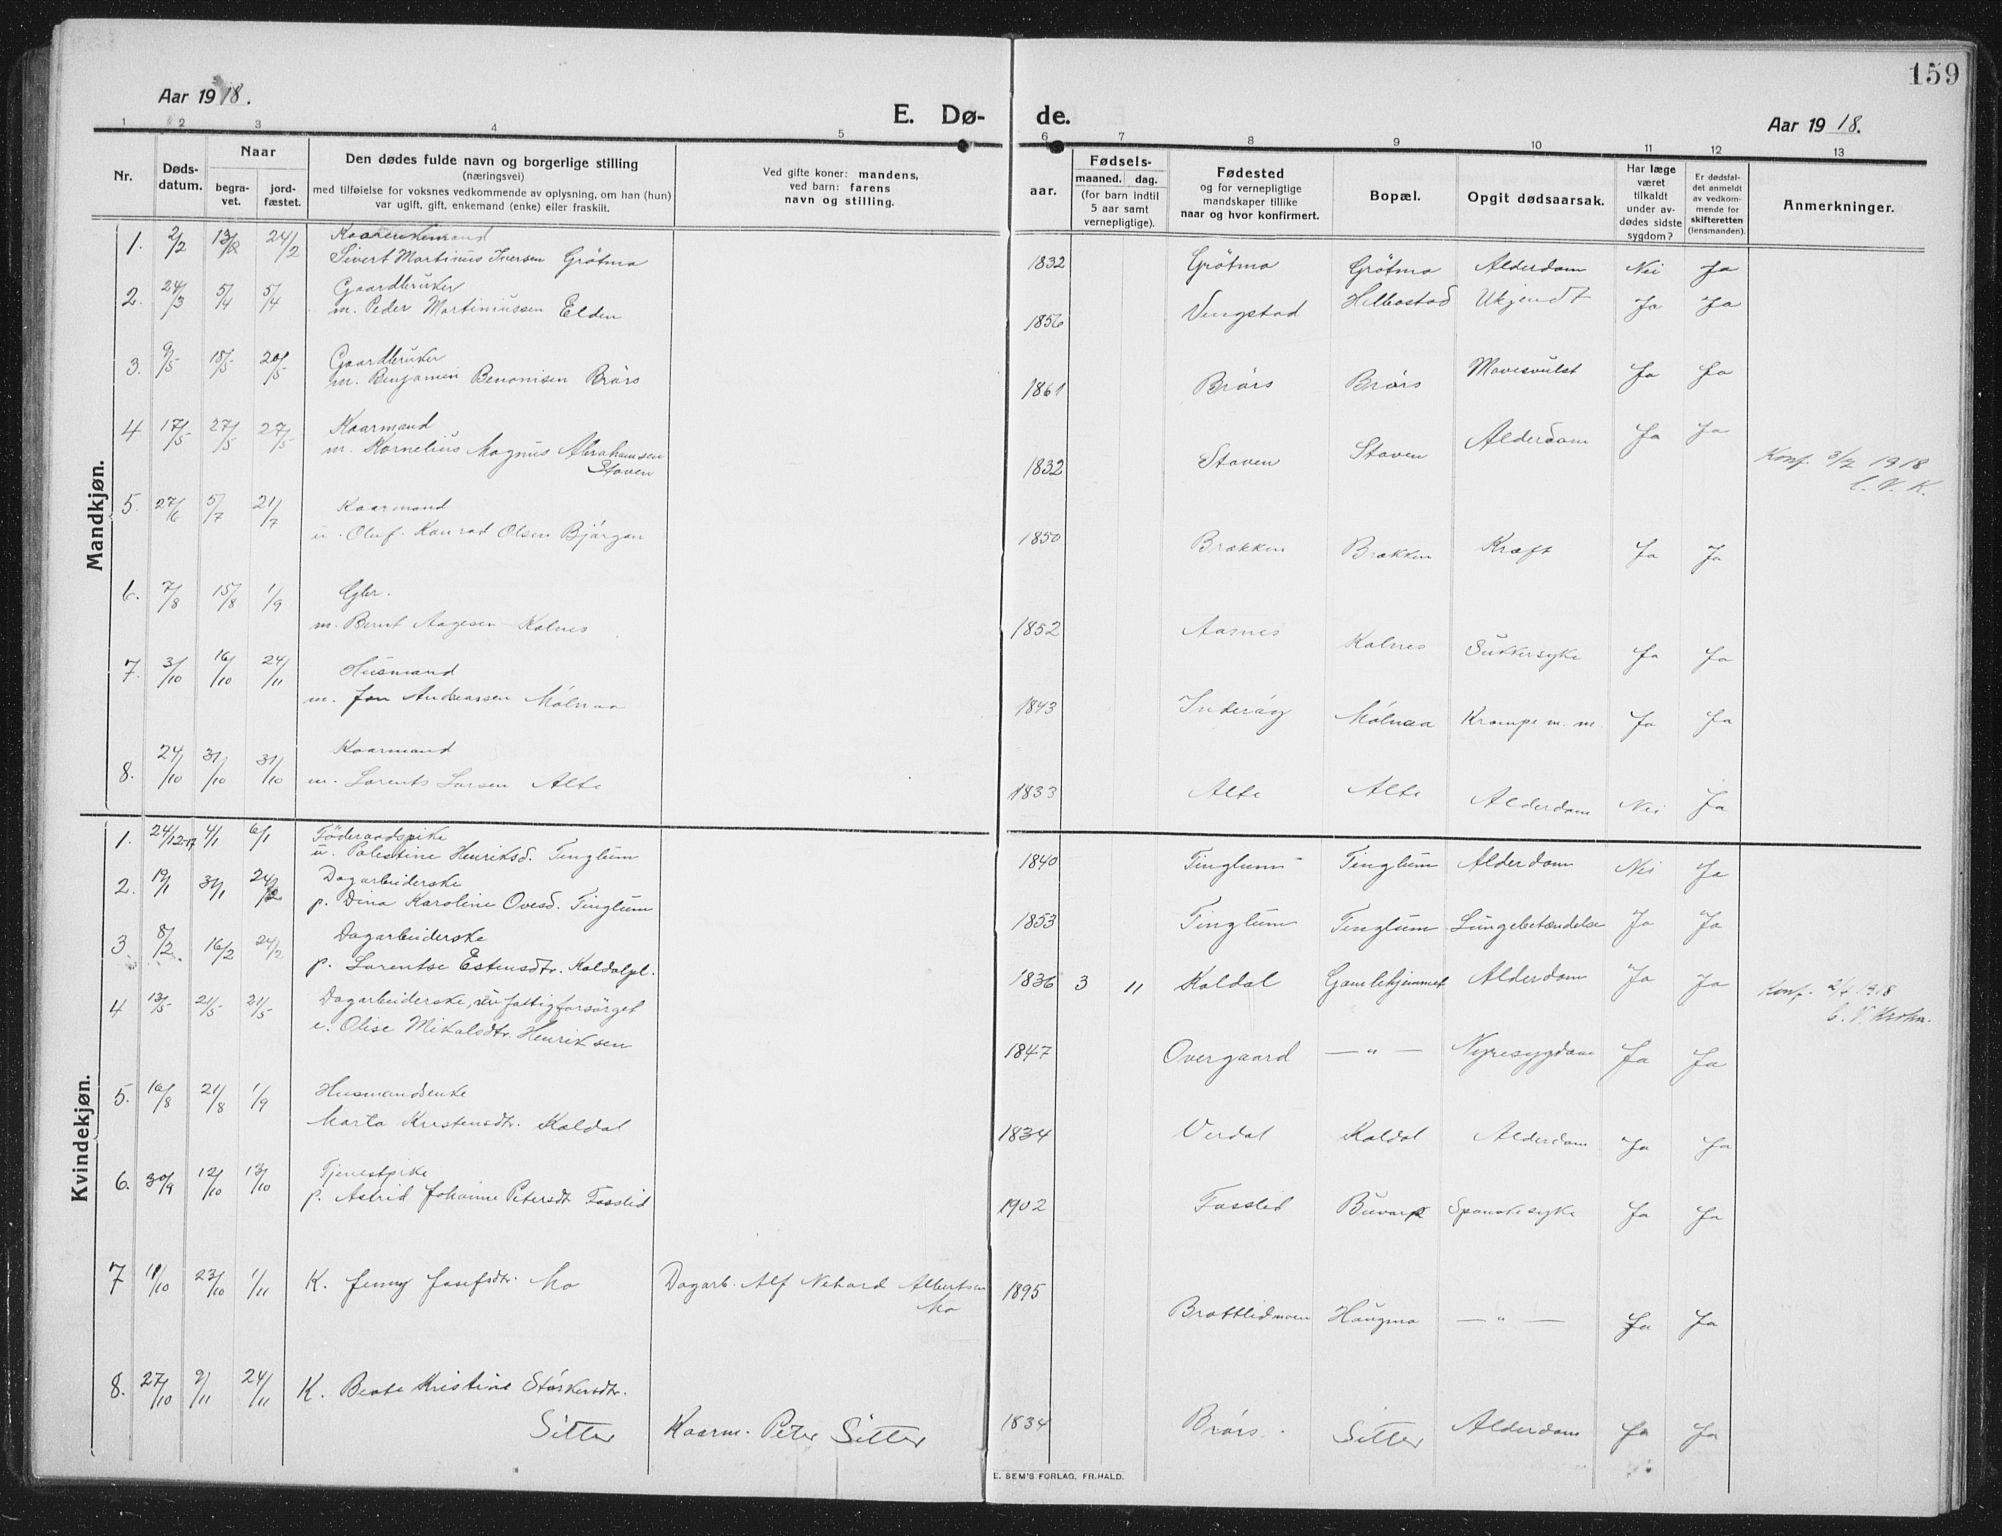 SAT, Ministerialprotokoller, klokkerbøker og fødselsregistre - Nord-Trøndelag, 742/L0413: Klokkerbok nr. 742C04, 1911-1938, s. 159